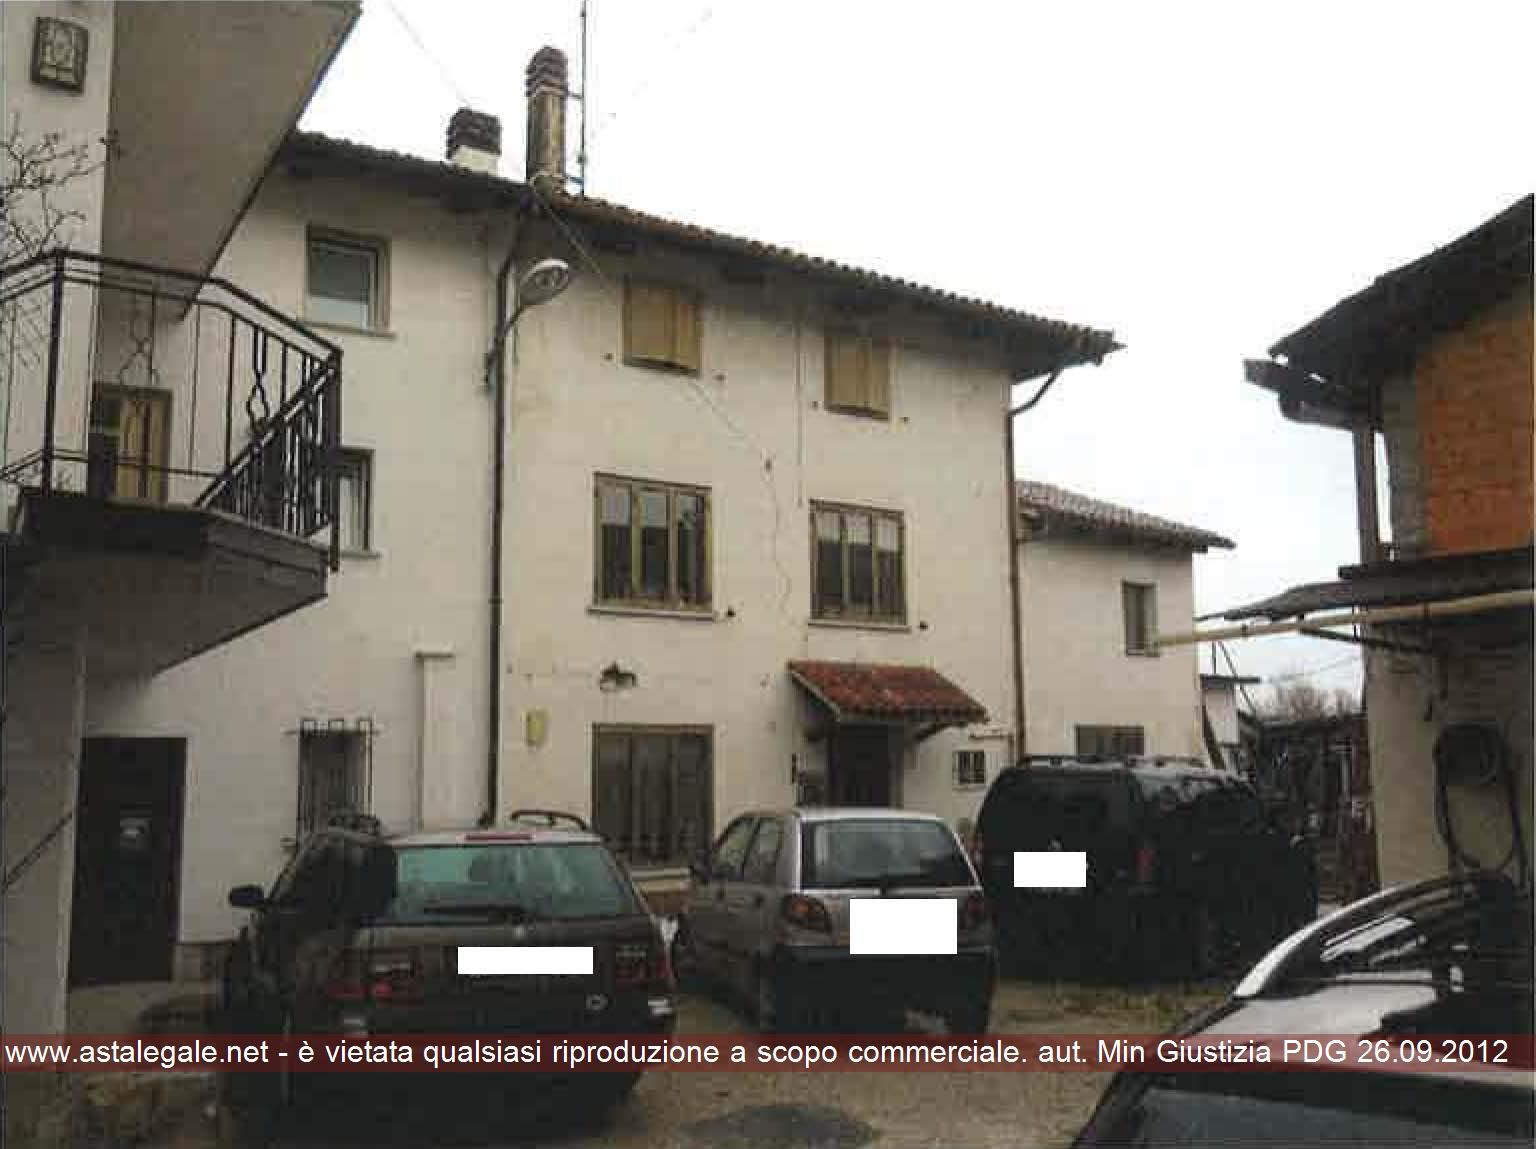 Turriaco (GO) Vicolo del Mitragliere 11